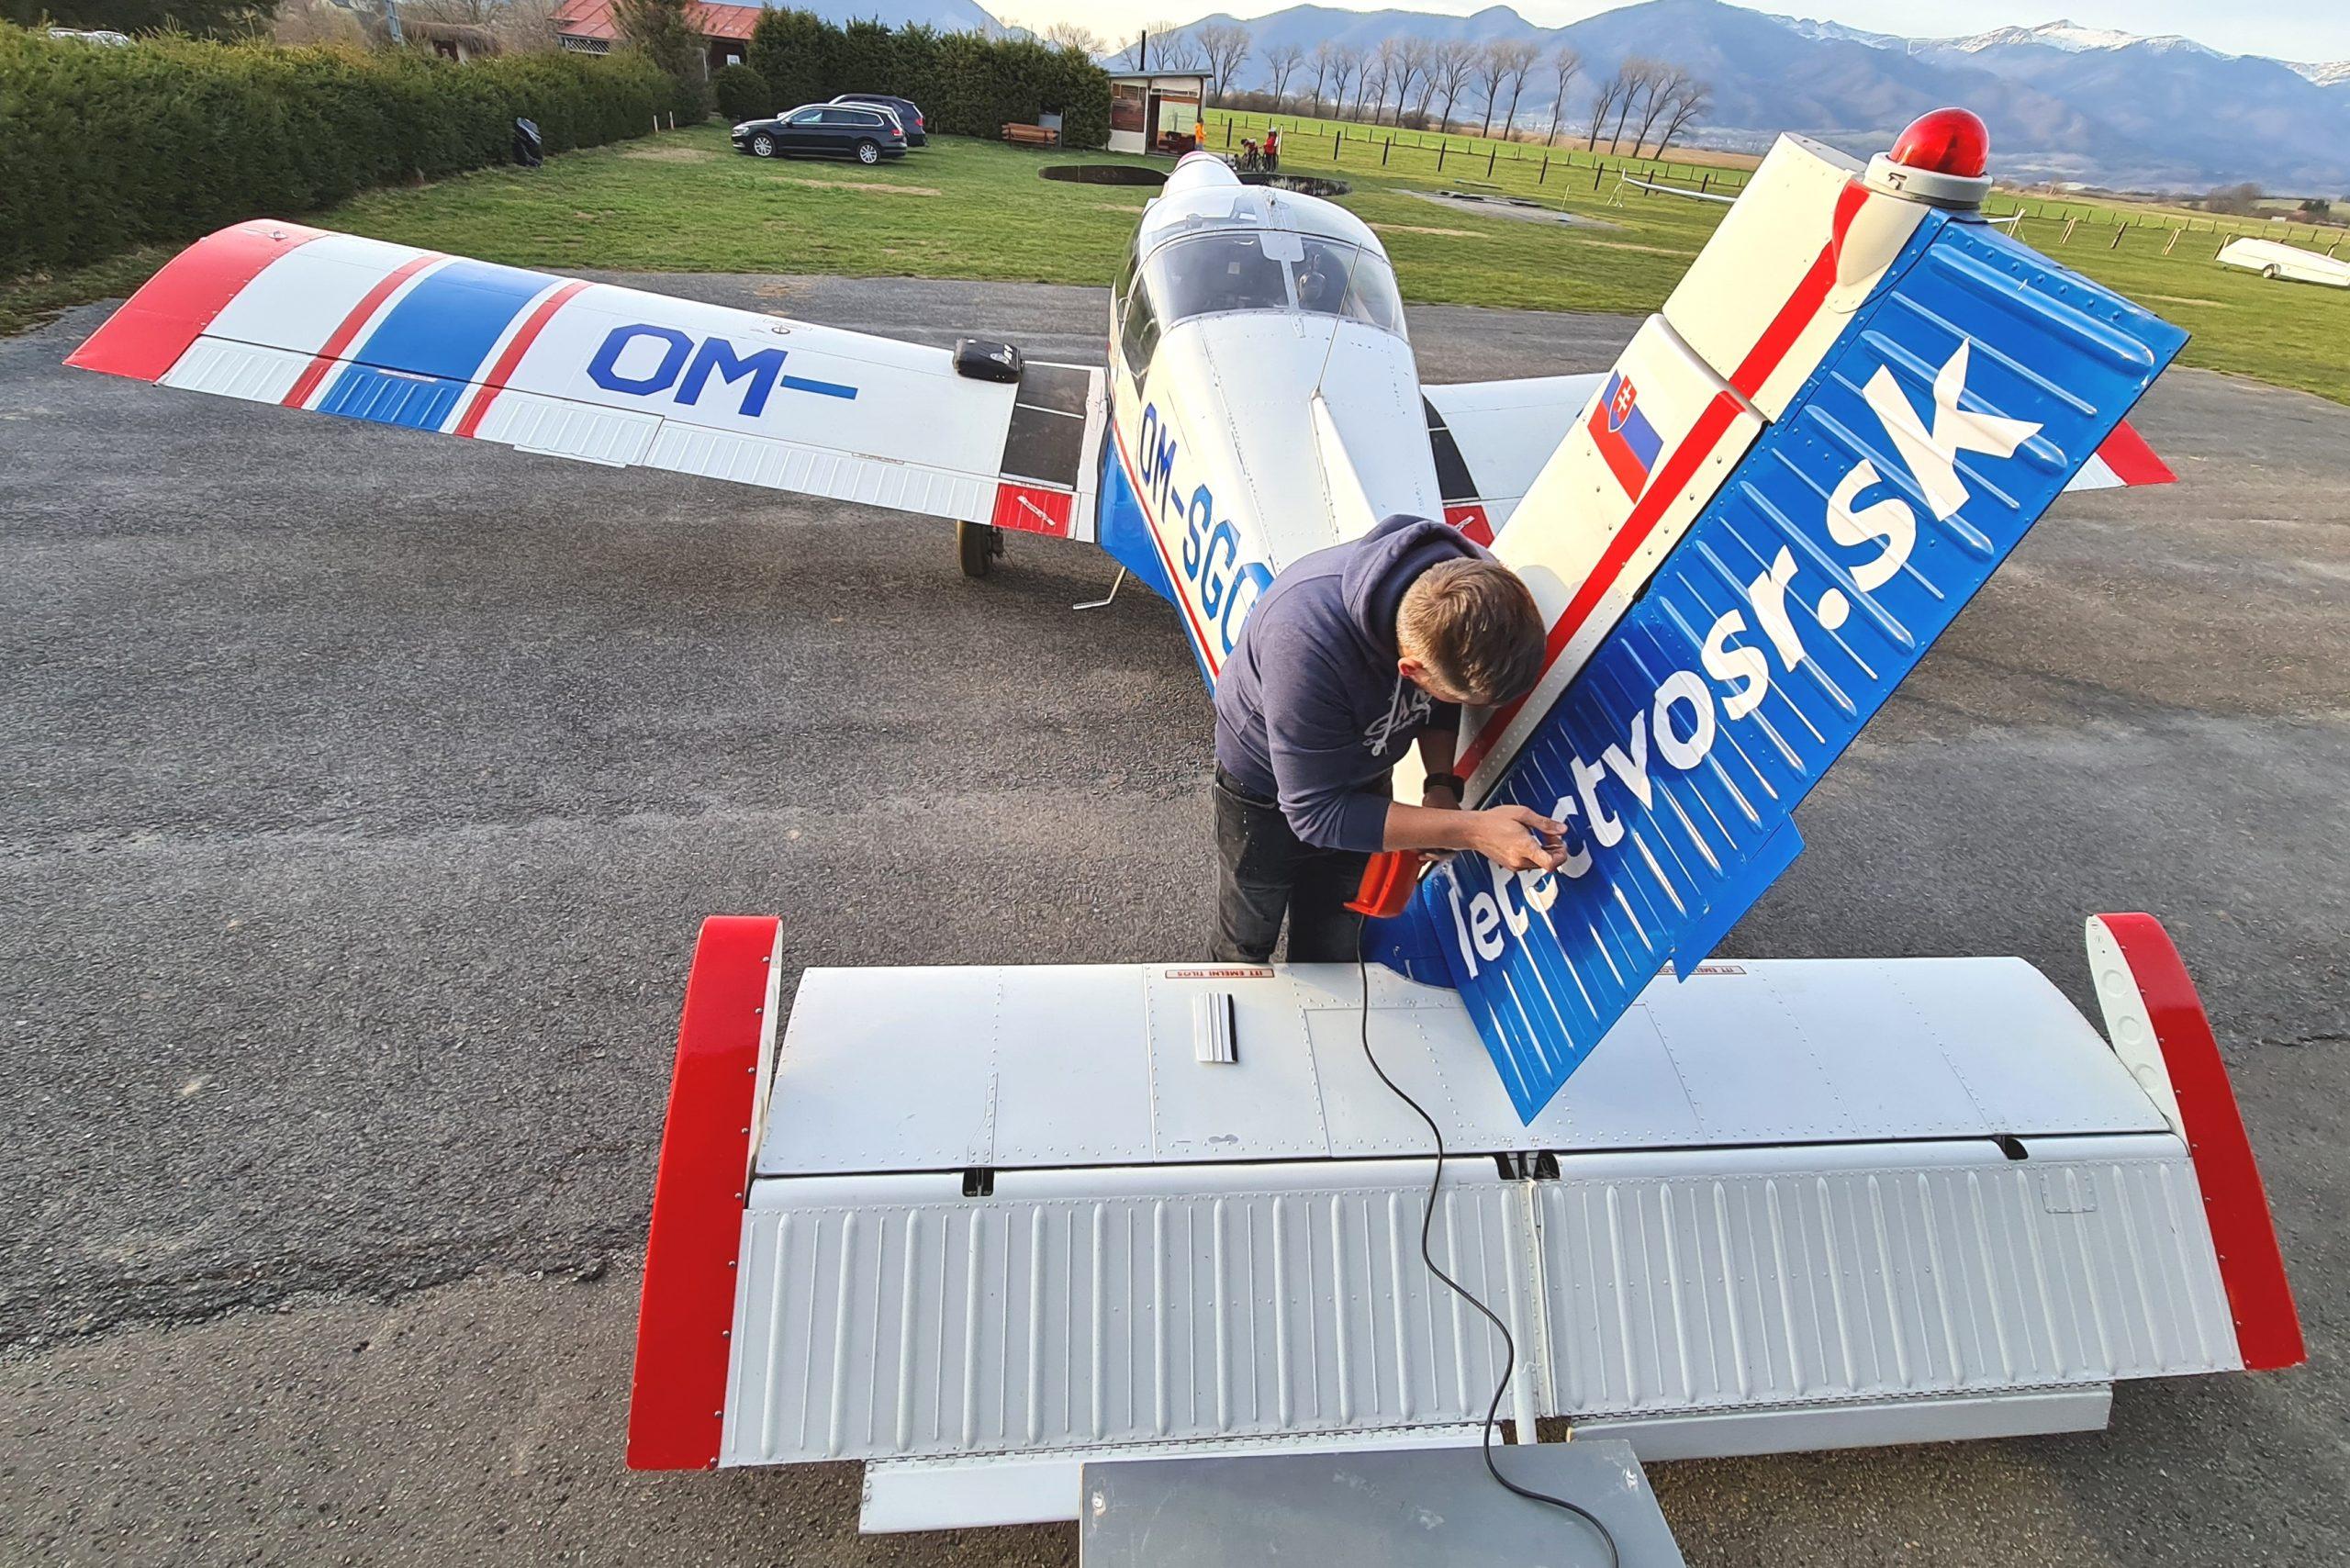 OM-SGO - Private Zlín Aircraft Z-142, SGC MARTIN OM-SGO